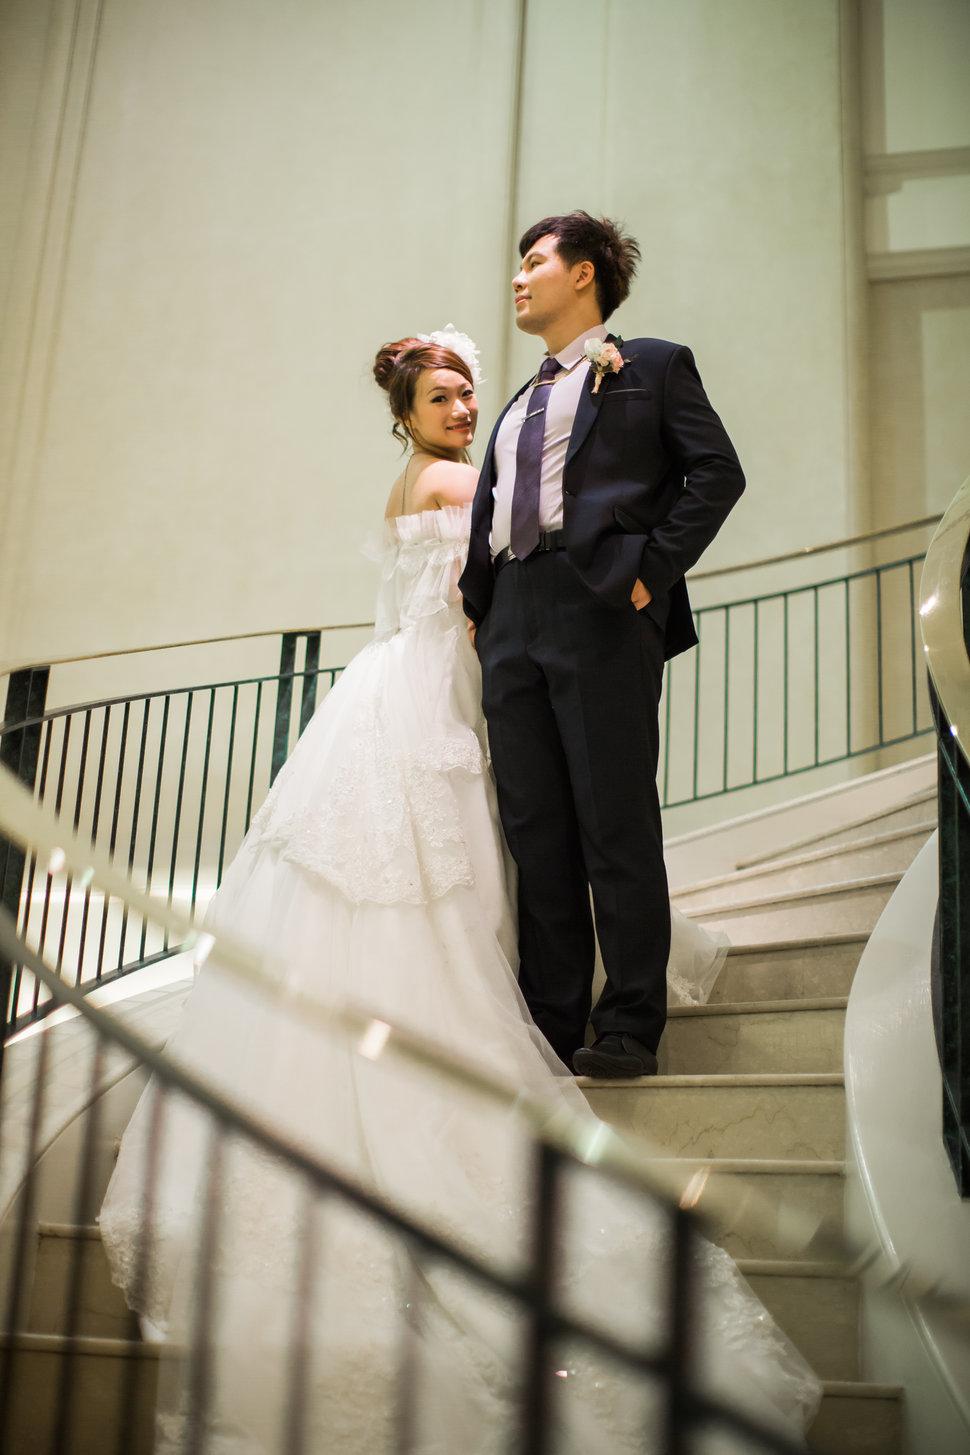 結婚/高雄寒軒(編號:161237) - 绊嵐攝 - 結婚吧一站式婚禮服務平台